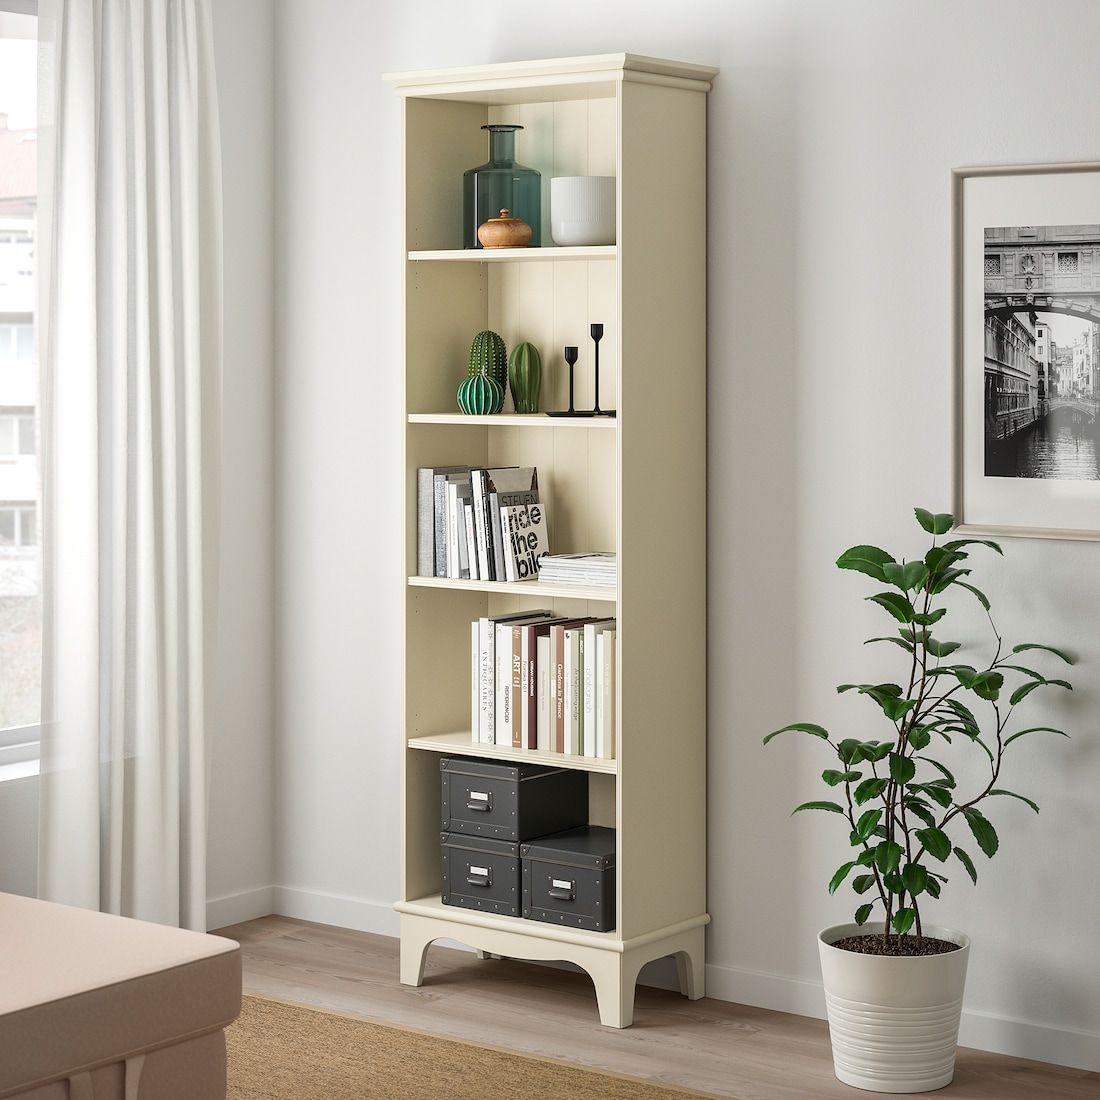 Lommarp Bookcase Light Beige 25 5 8x78 3 8 Ikea In 2020 Blue Bookcase Ikea Bookcase Lighting